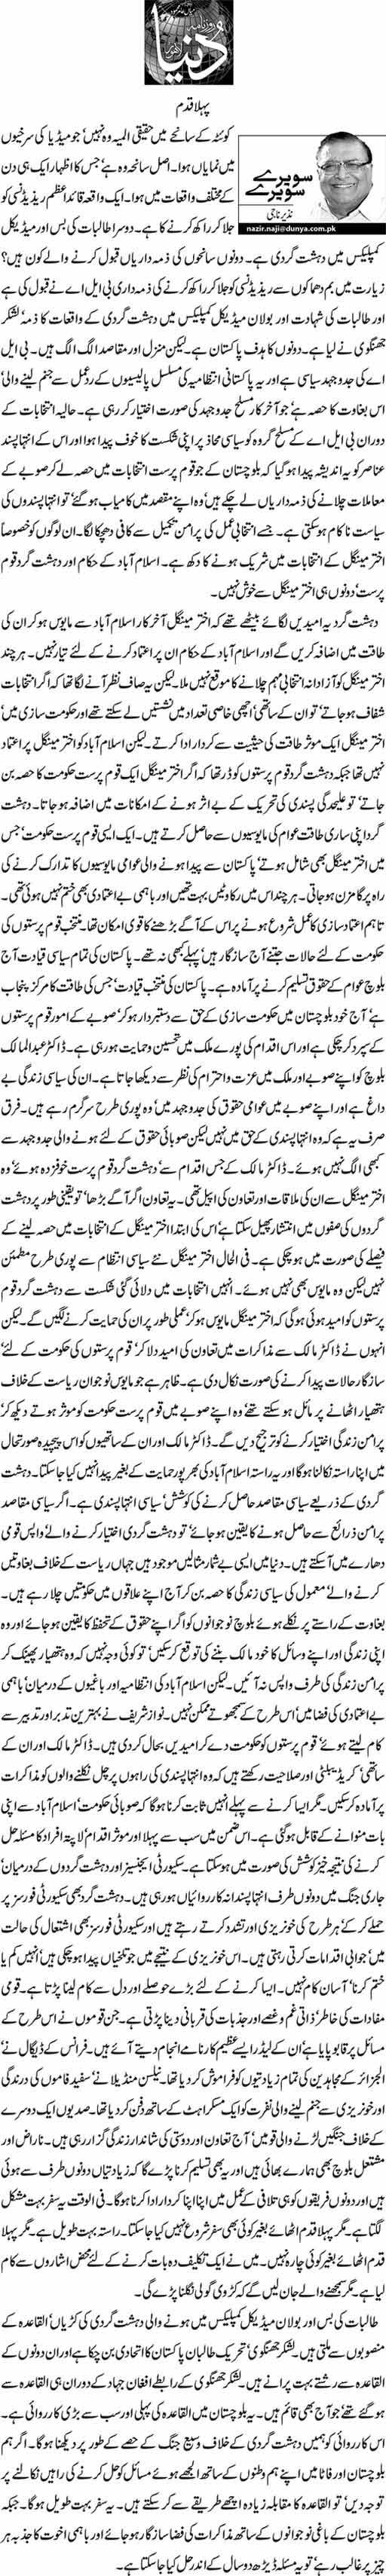 Pehla Qadam - Nazeer Naji